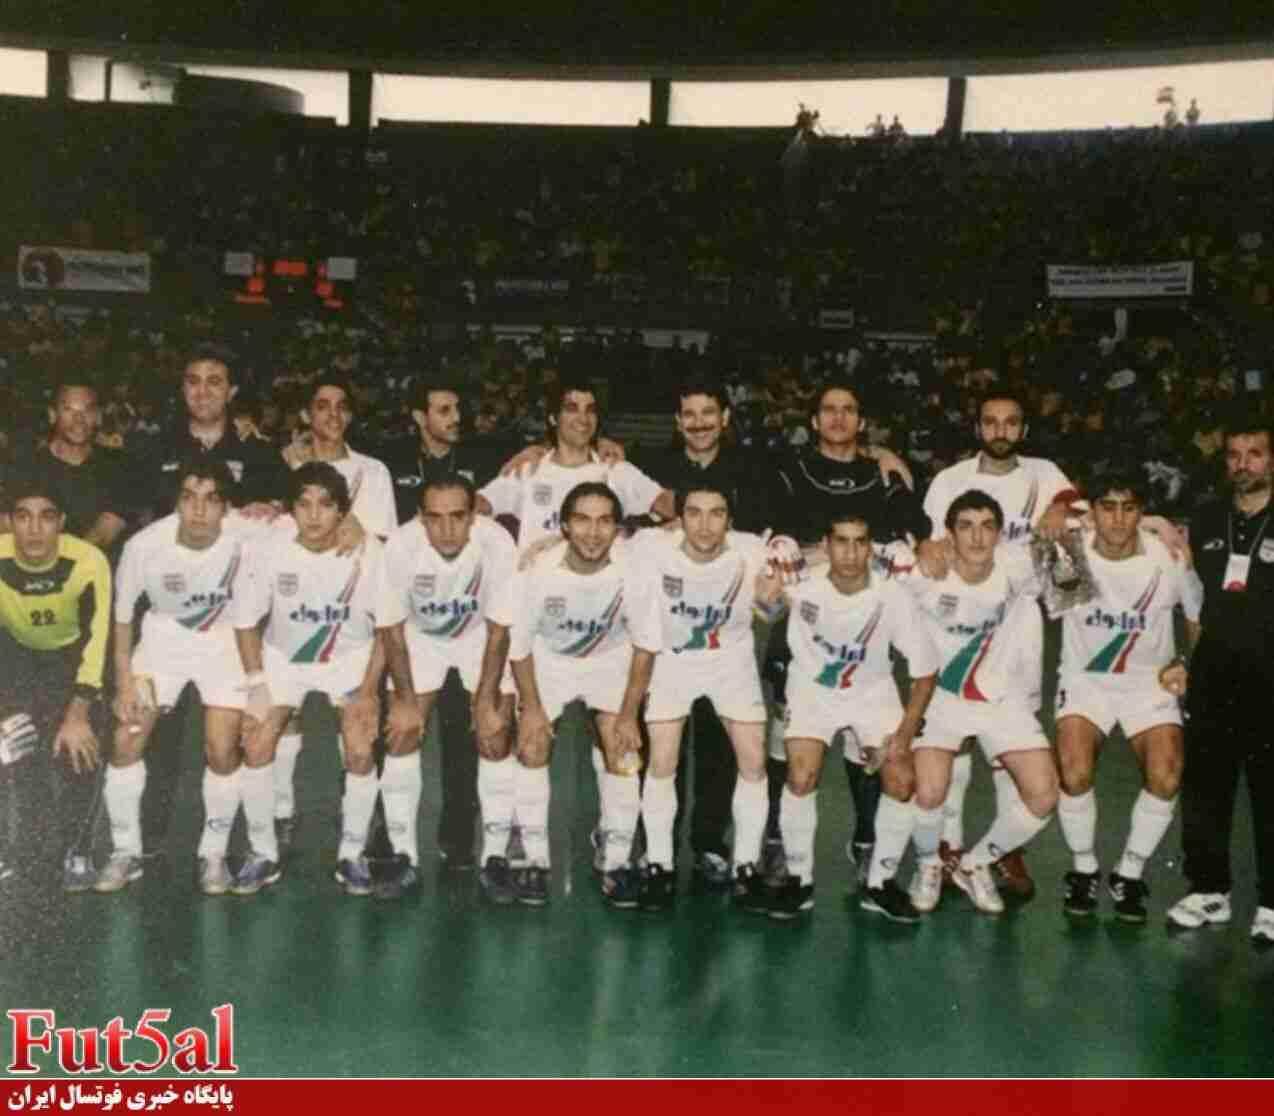 عکس/ تیم ملی فوتسال ایران در سال ۲۰۰۴